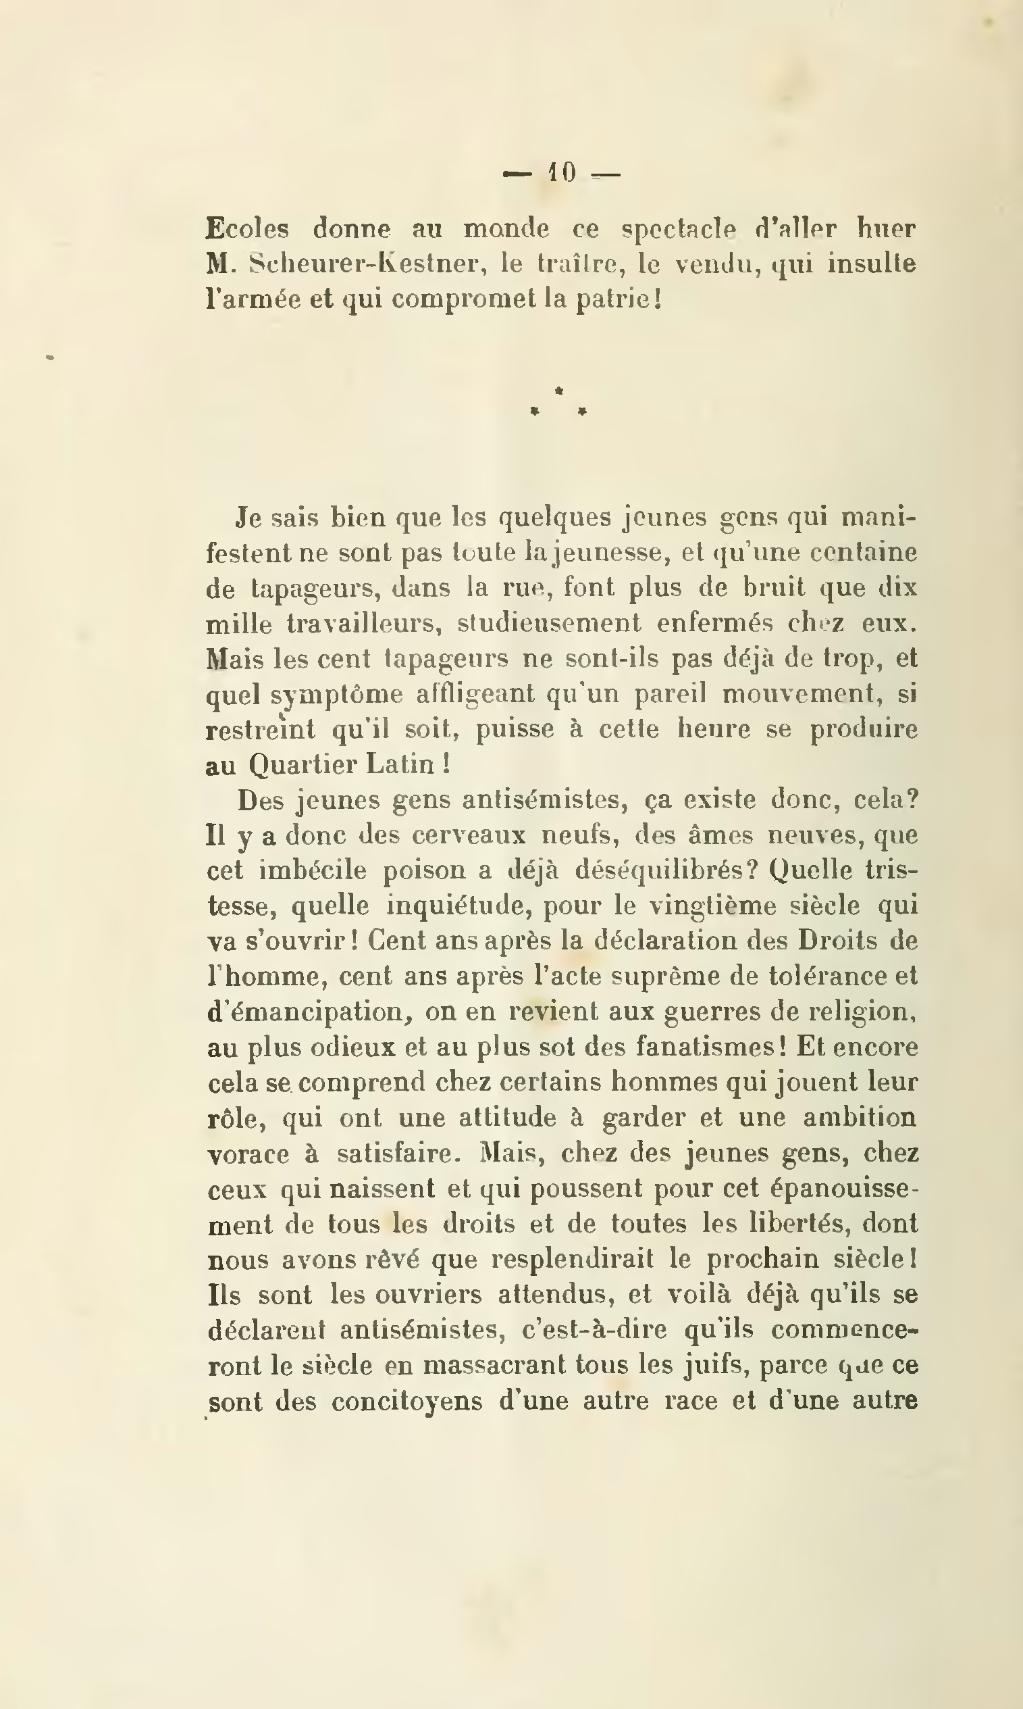 zola lettre à la jeunesse Page:Zola   Lettre à la jeunesse, 1897.djvu/16   Wikisource zola lettre à la jeunesse